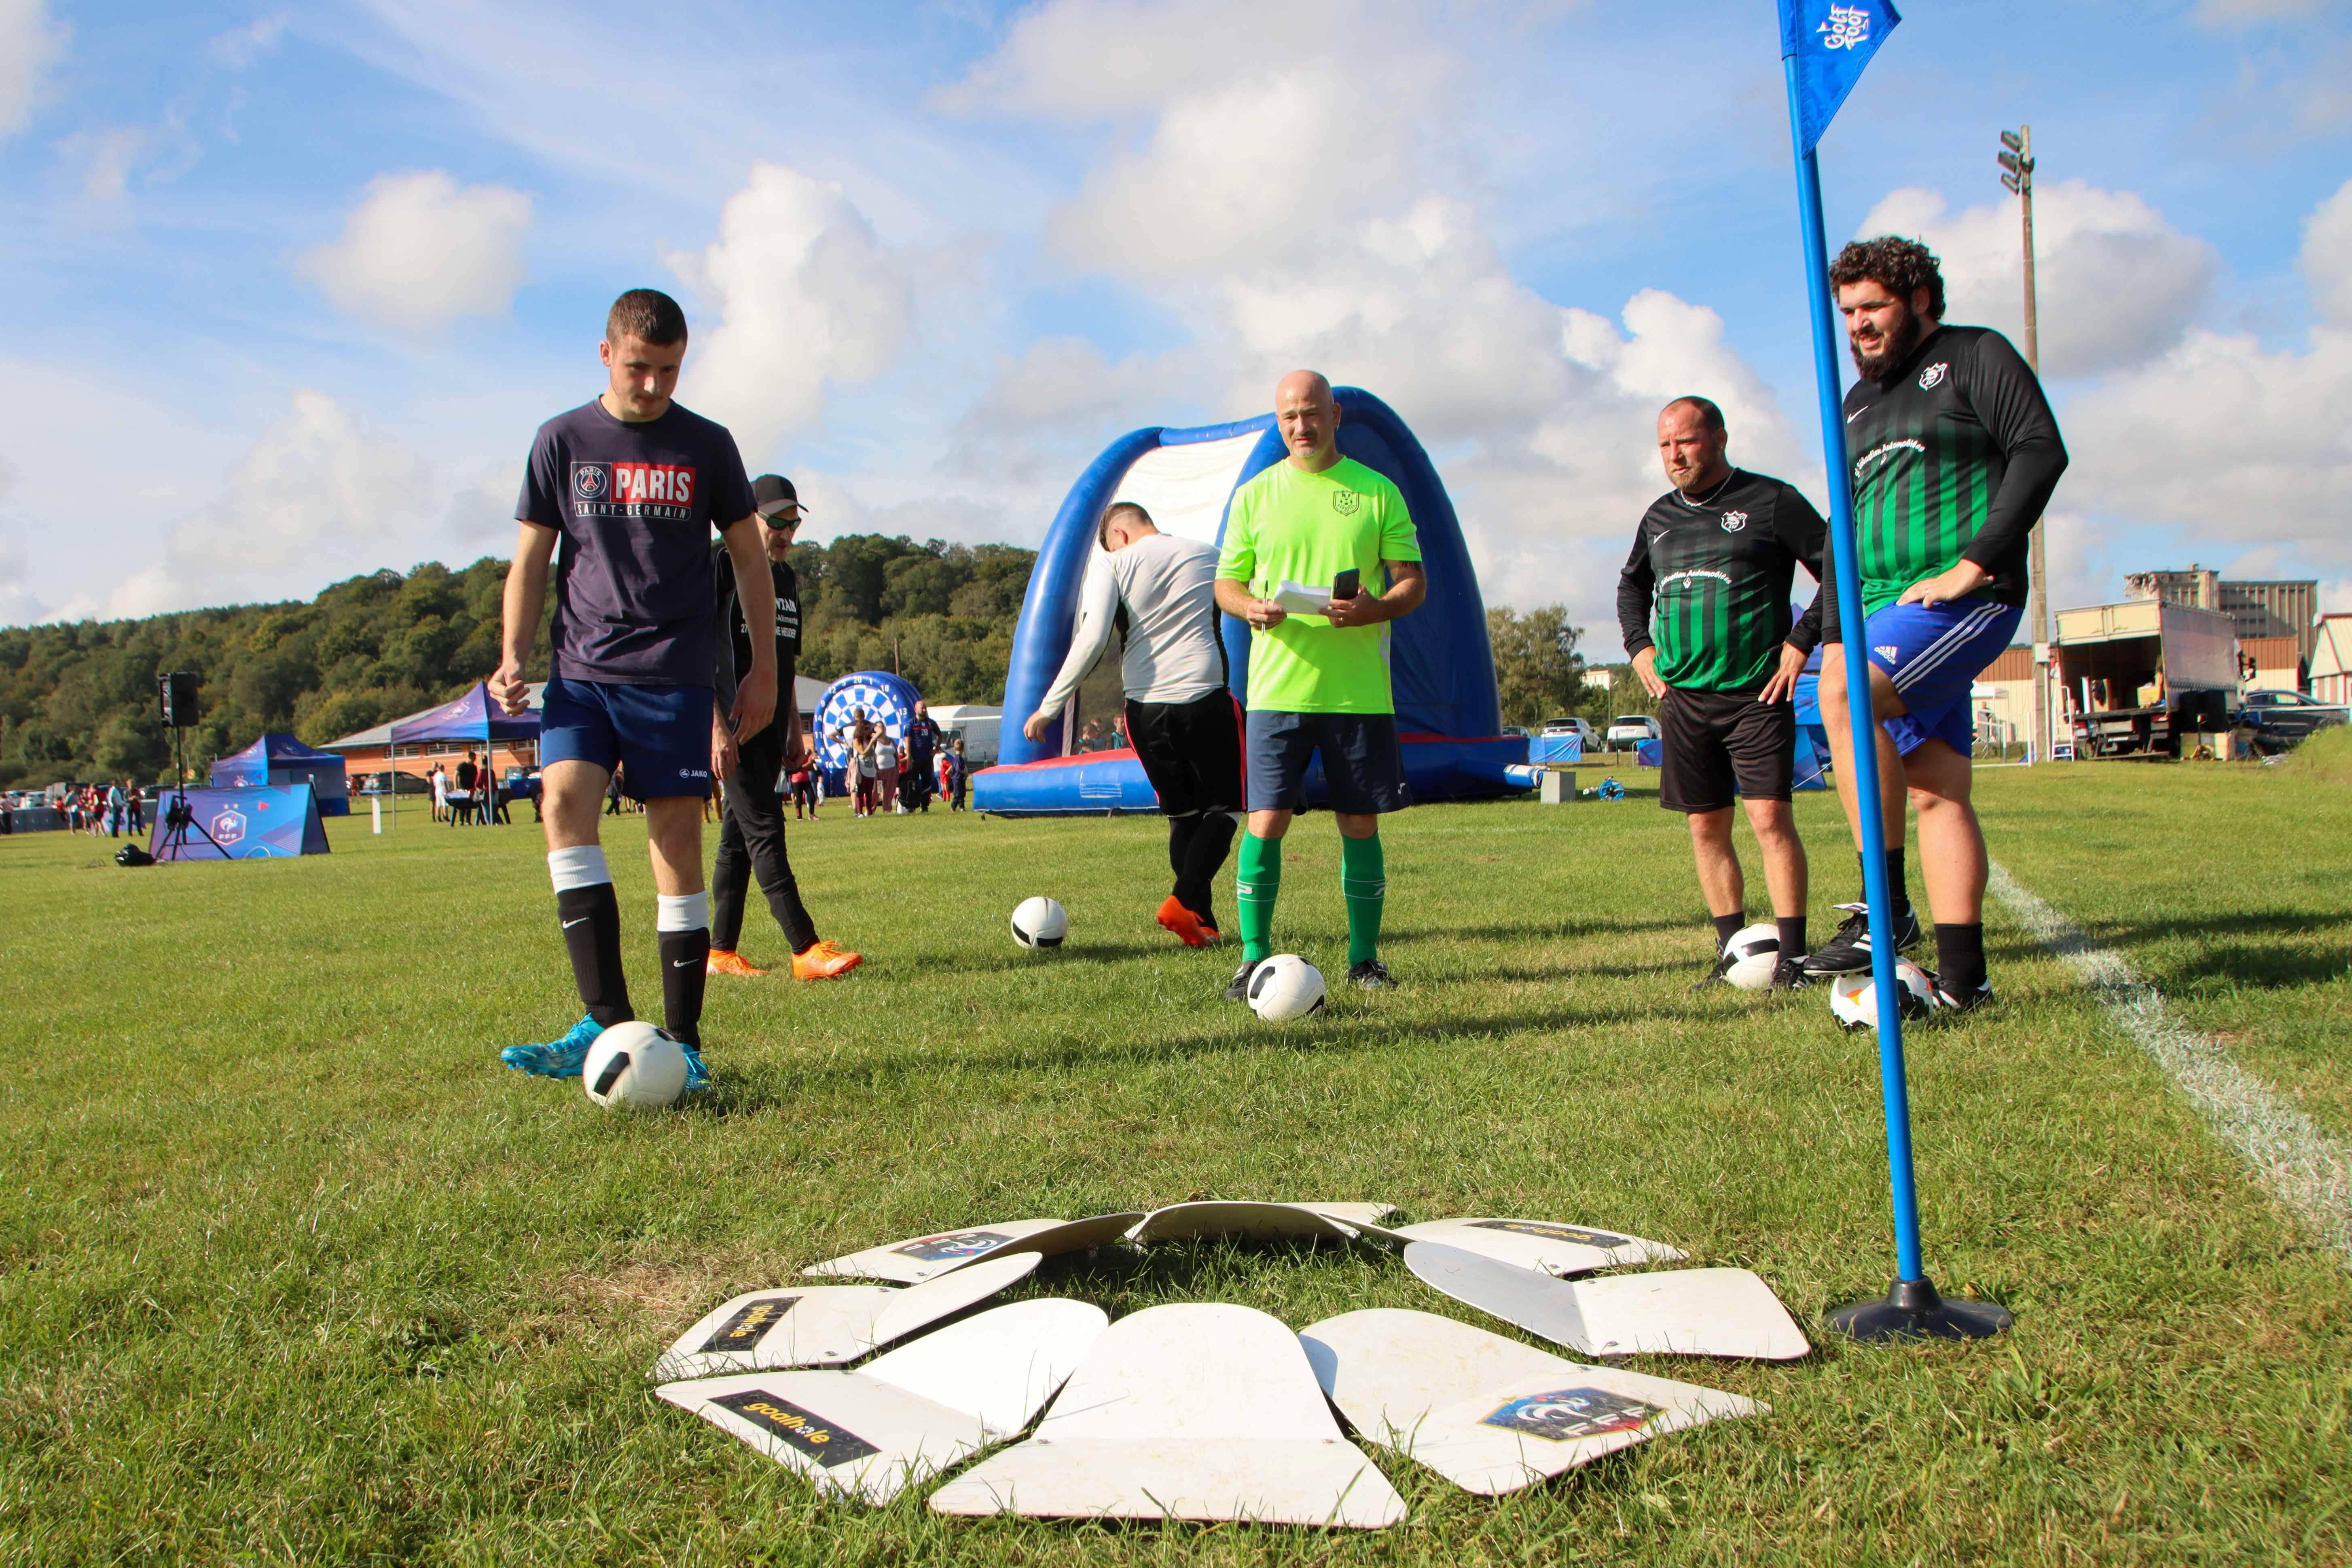 Tournée reprise foot amateur Normandie